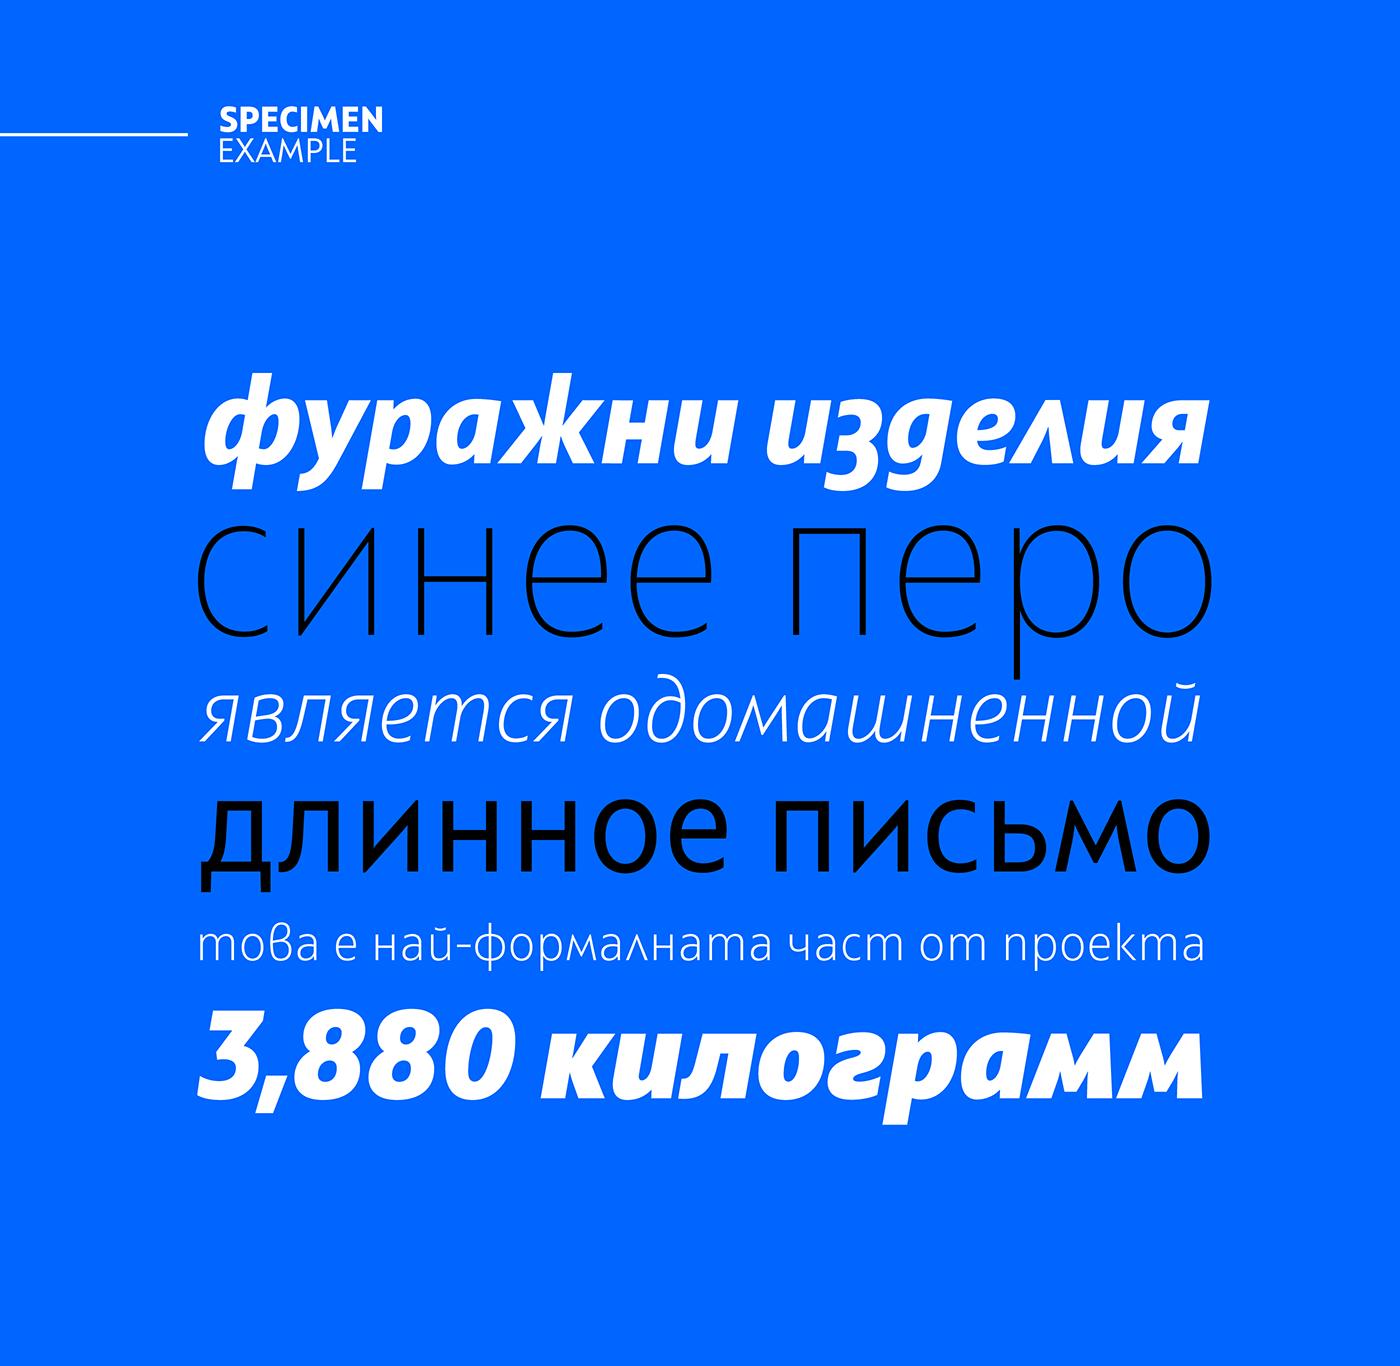 468fcb68745865.5b6842449d522 12